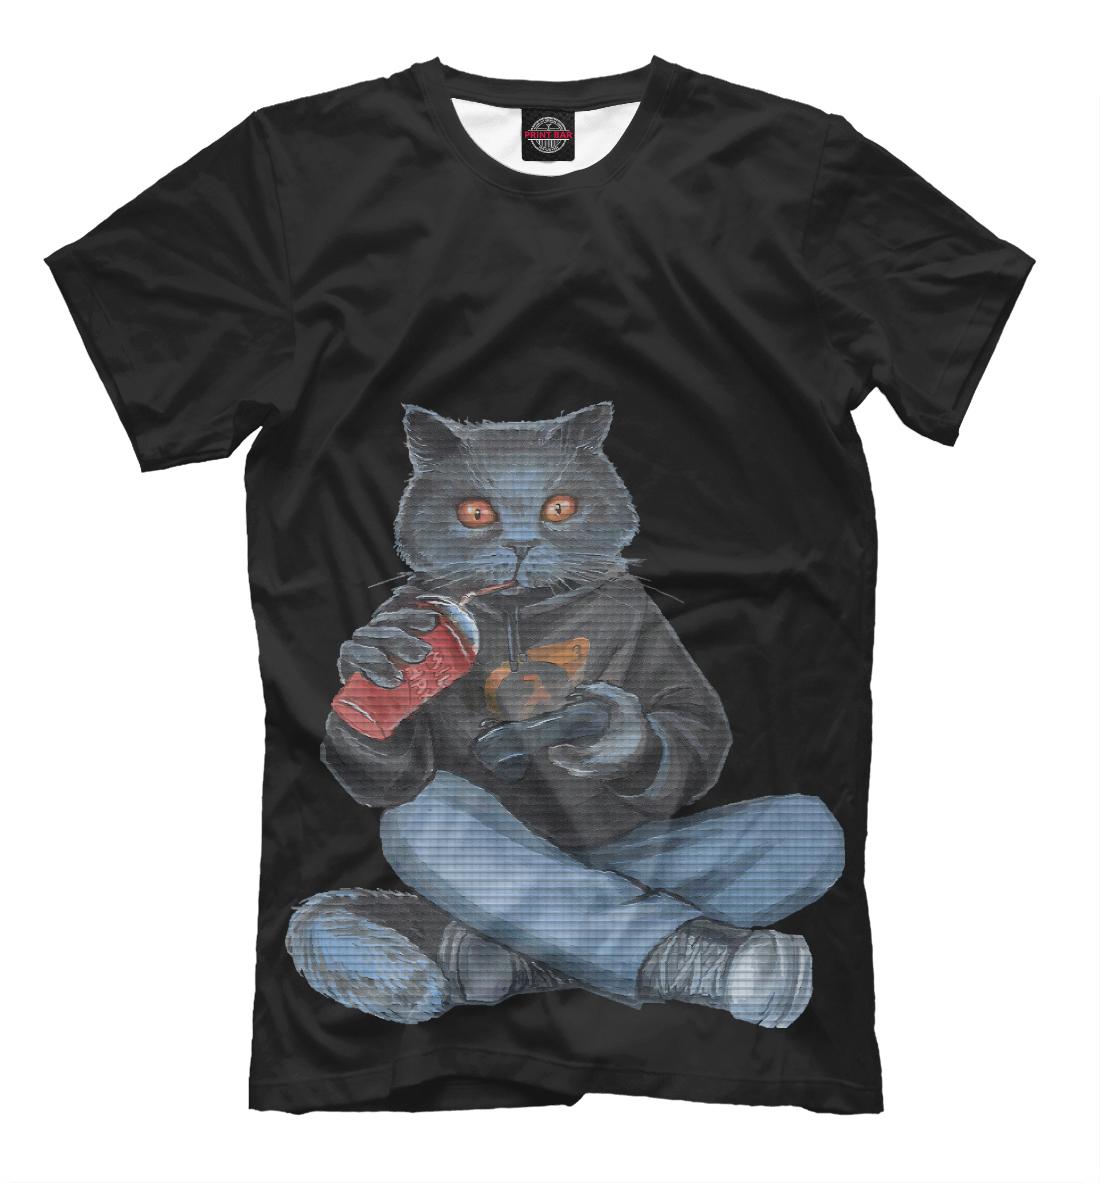 картинки футболка котика игромана острая болезнь